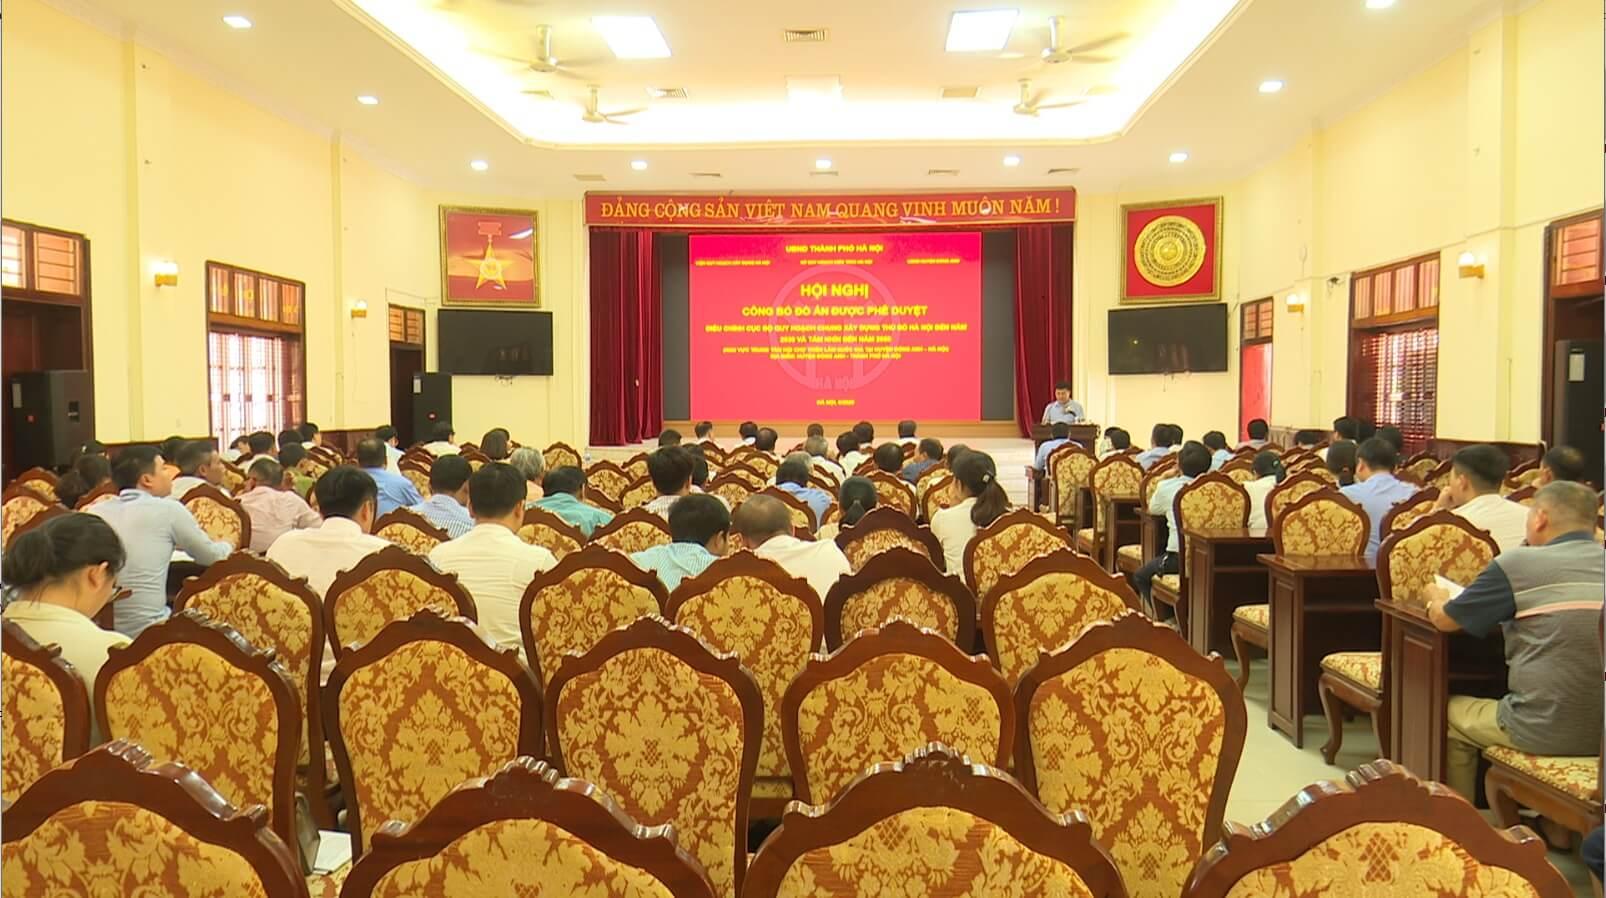 Lễ công bố phê duyệt quy hoạch trung tâm triển lãm quốc gia.